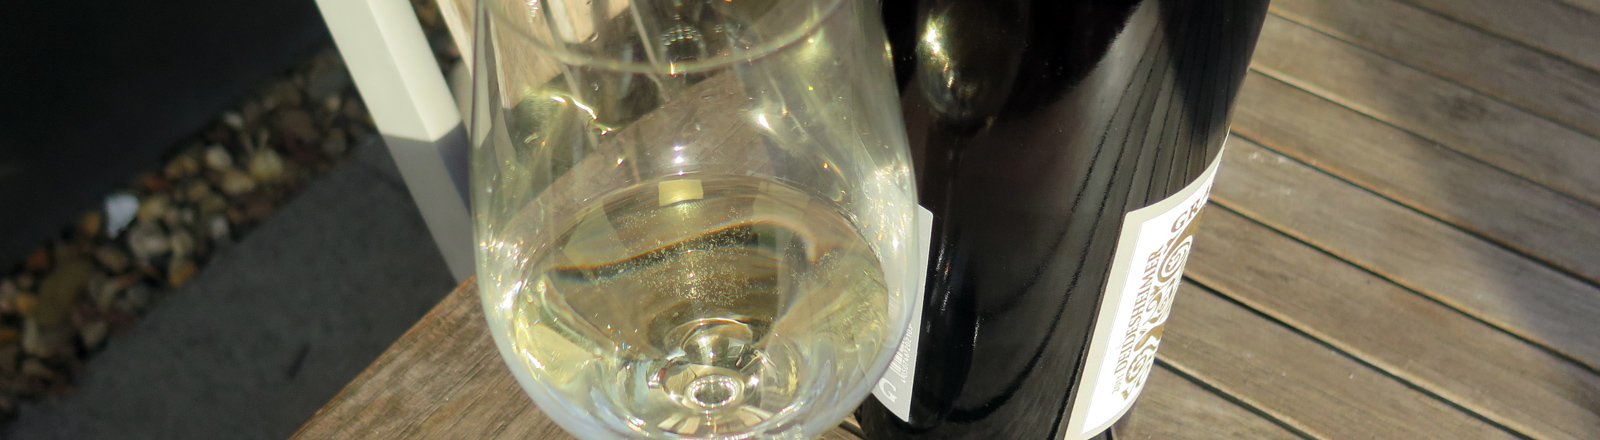 Ein Qualitätswein aus dem Rheintal